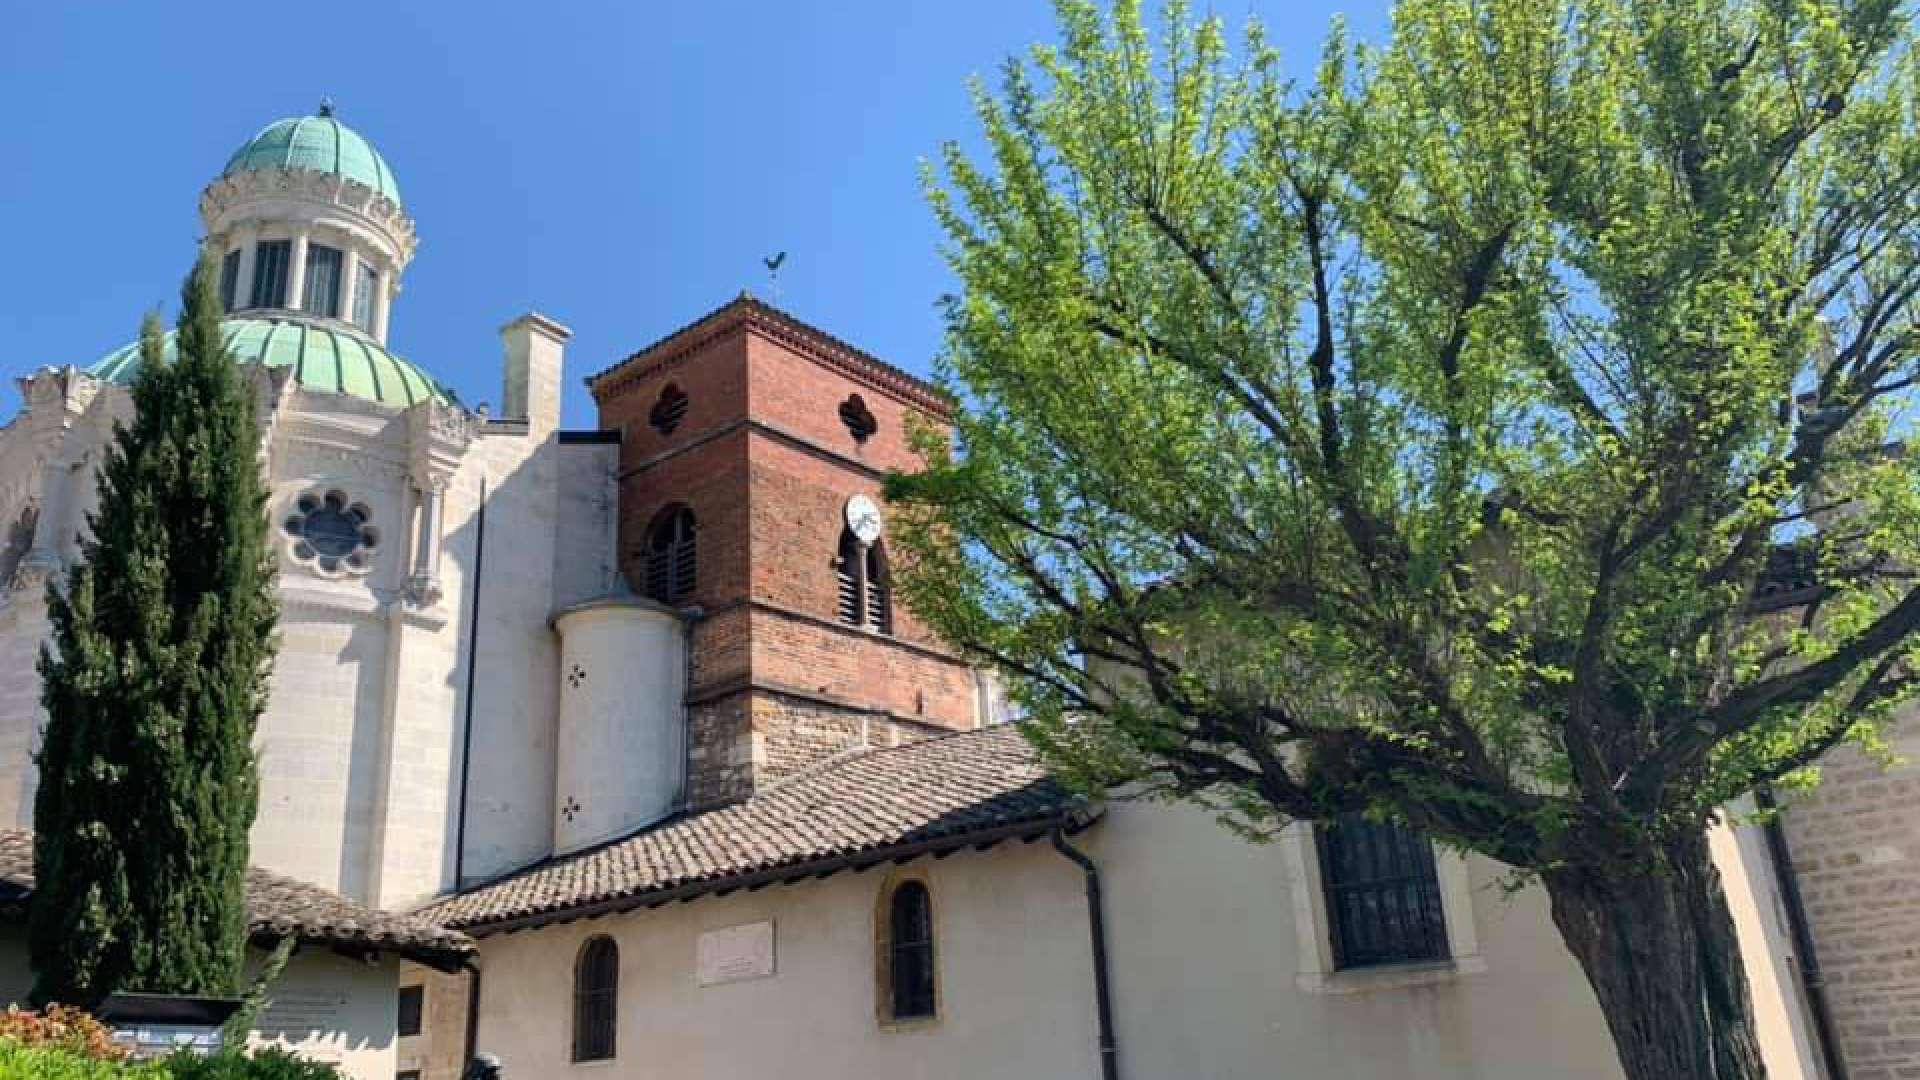 Clocher de la basilique